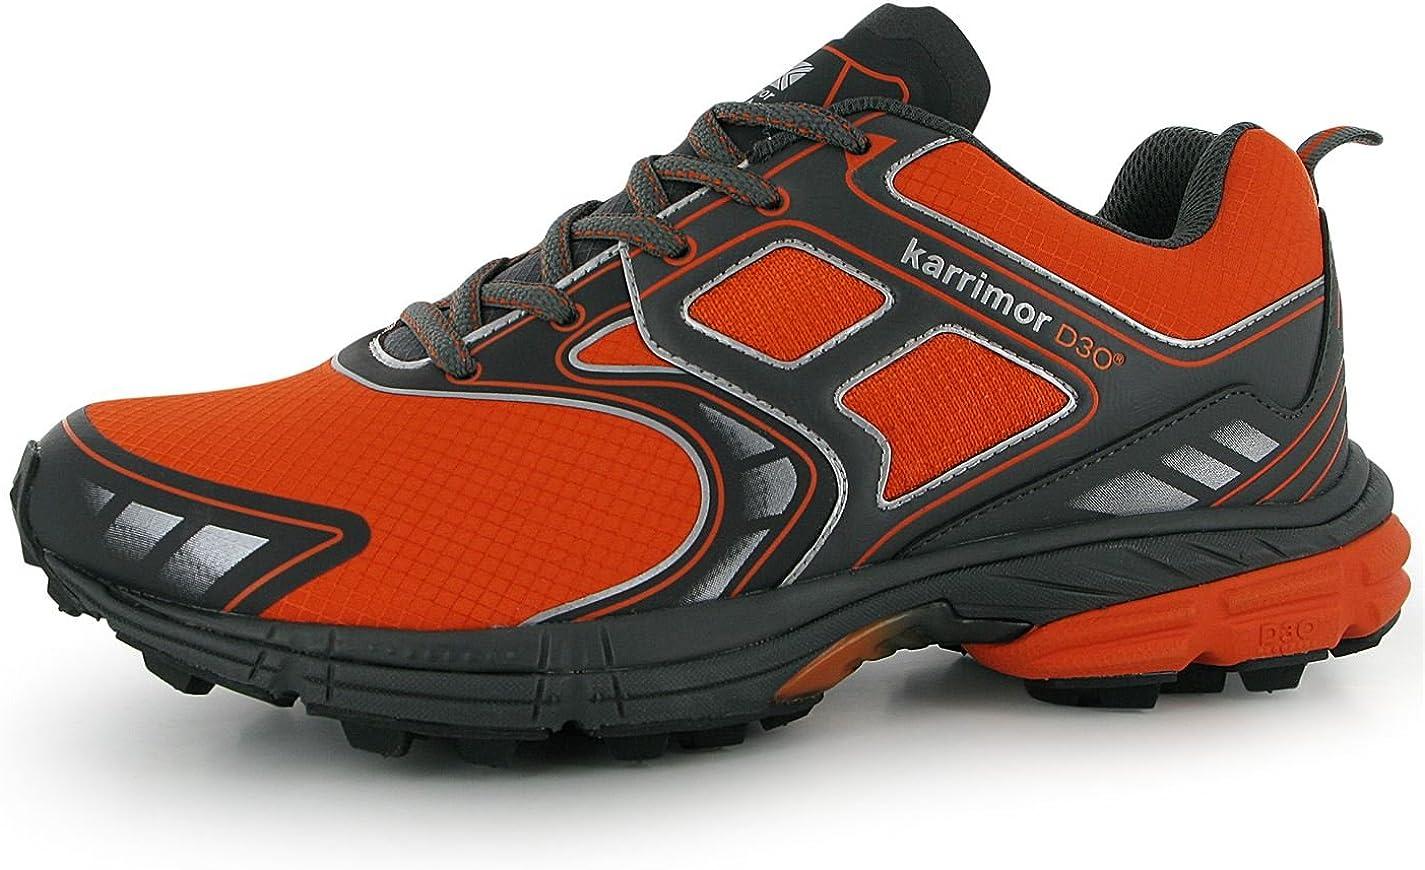 Karrimor - Zapatillas de Running para Hombre Gris Oscuro/Naranja, Color Gris, Talla 45: Amazon.es: Zapatos y complementos